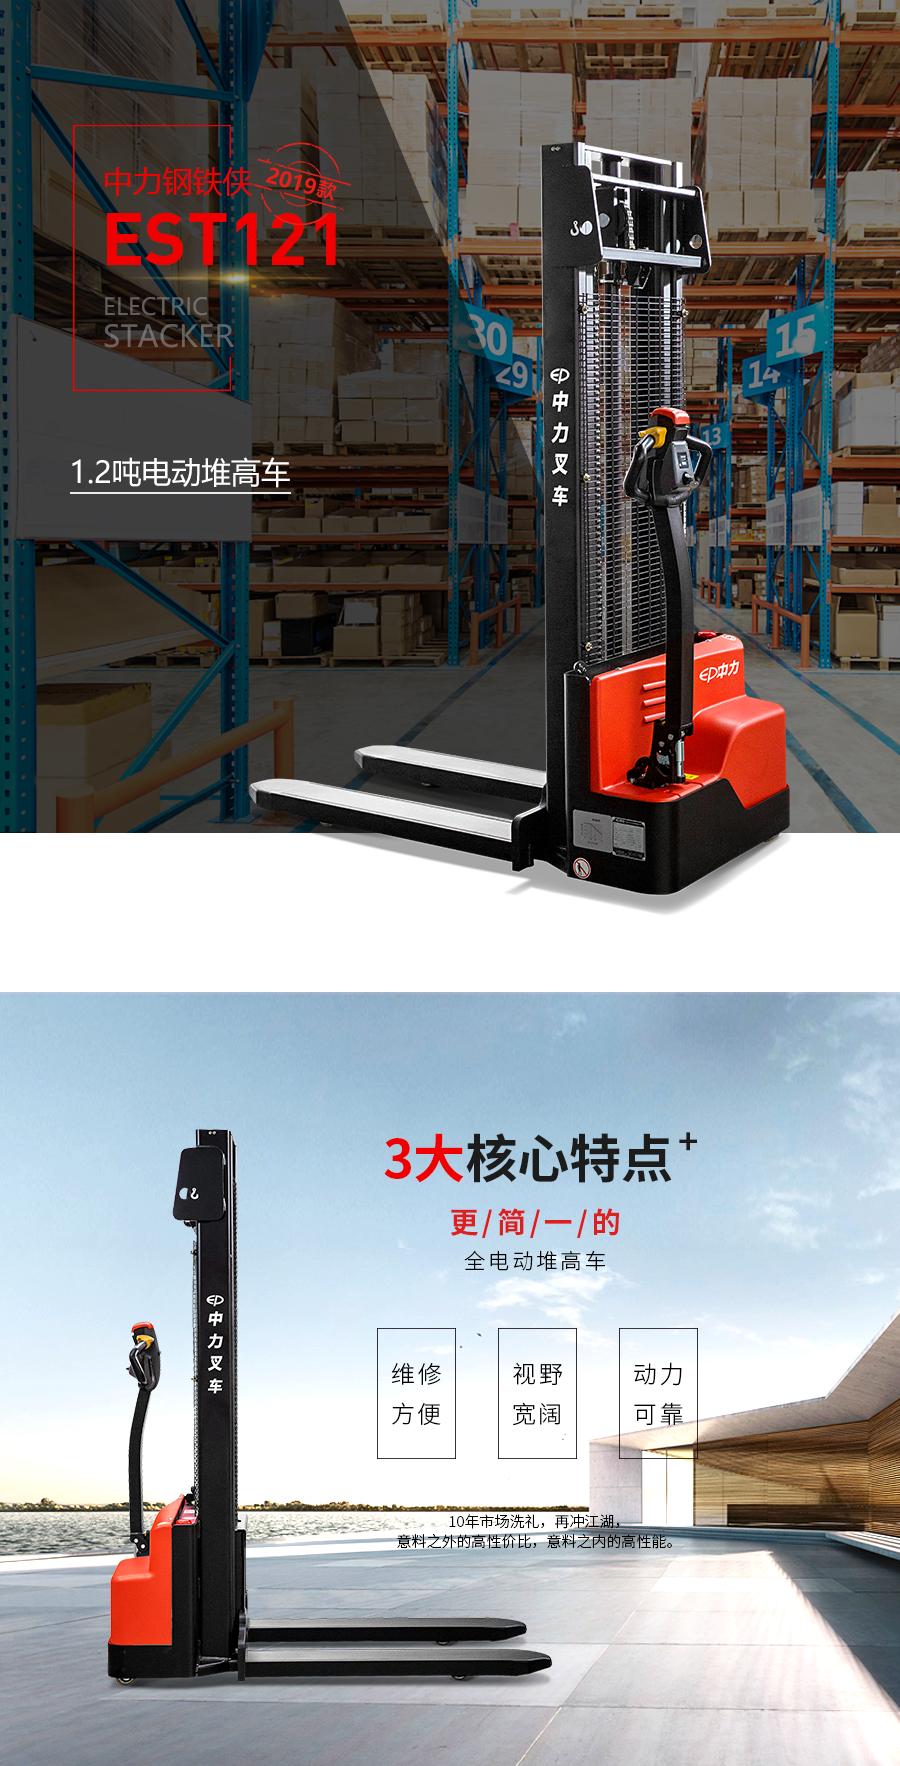 中力 1.2吨电动堆高车 EST121 钢铁侠